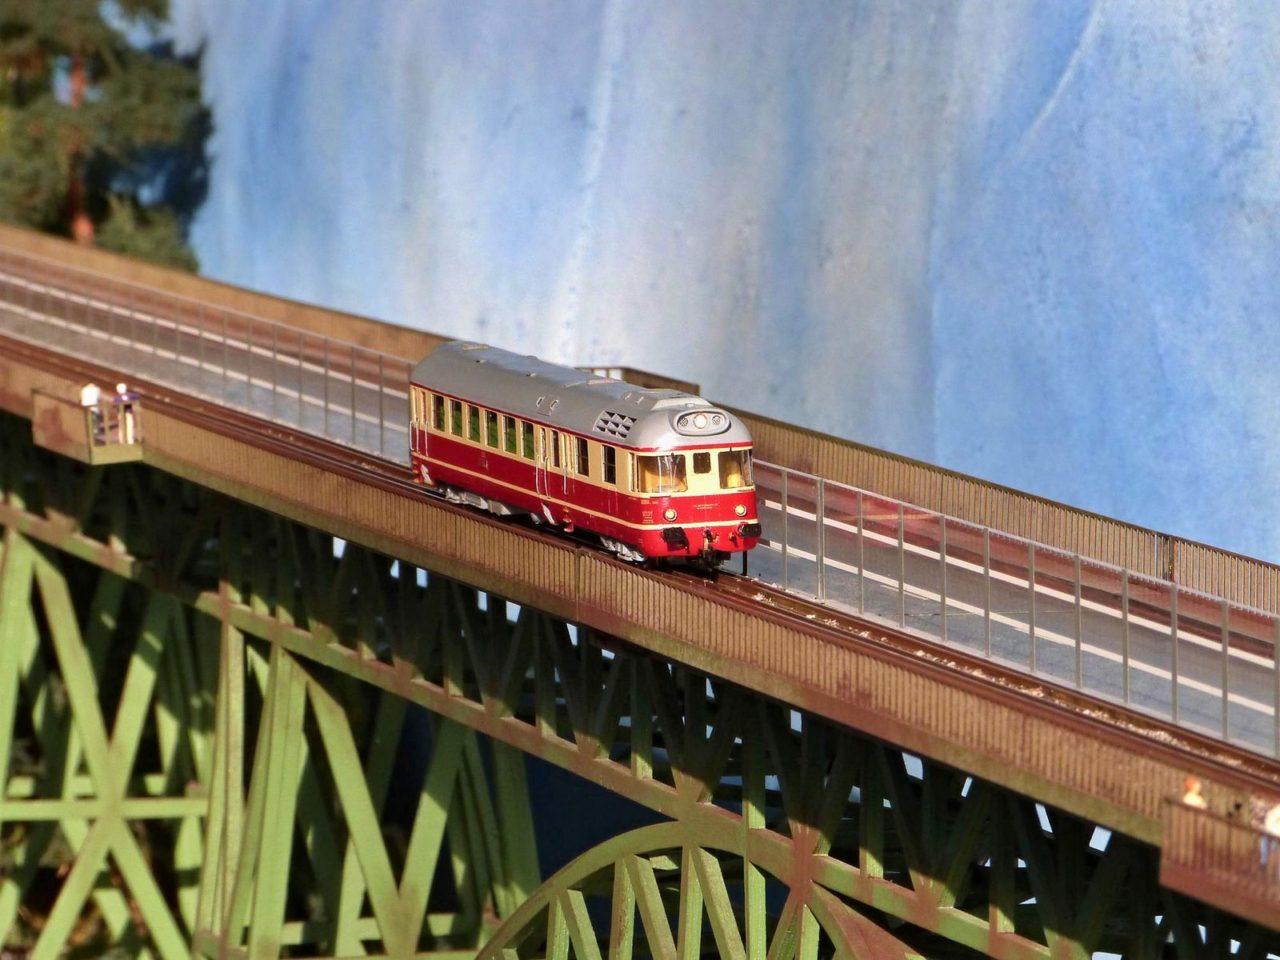 Temofeszt 2014 - Krokodýl na mostě